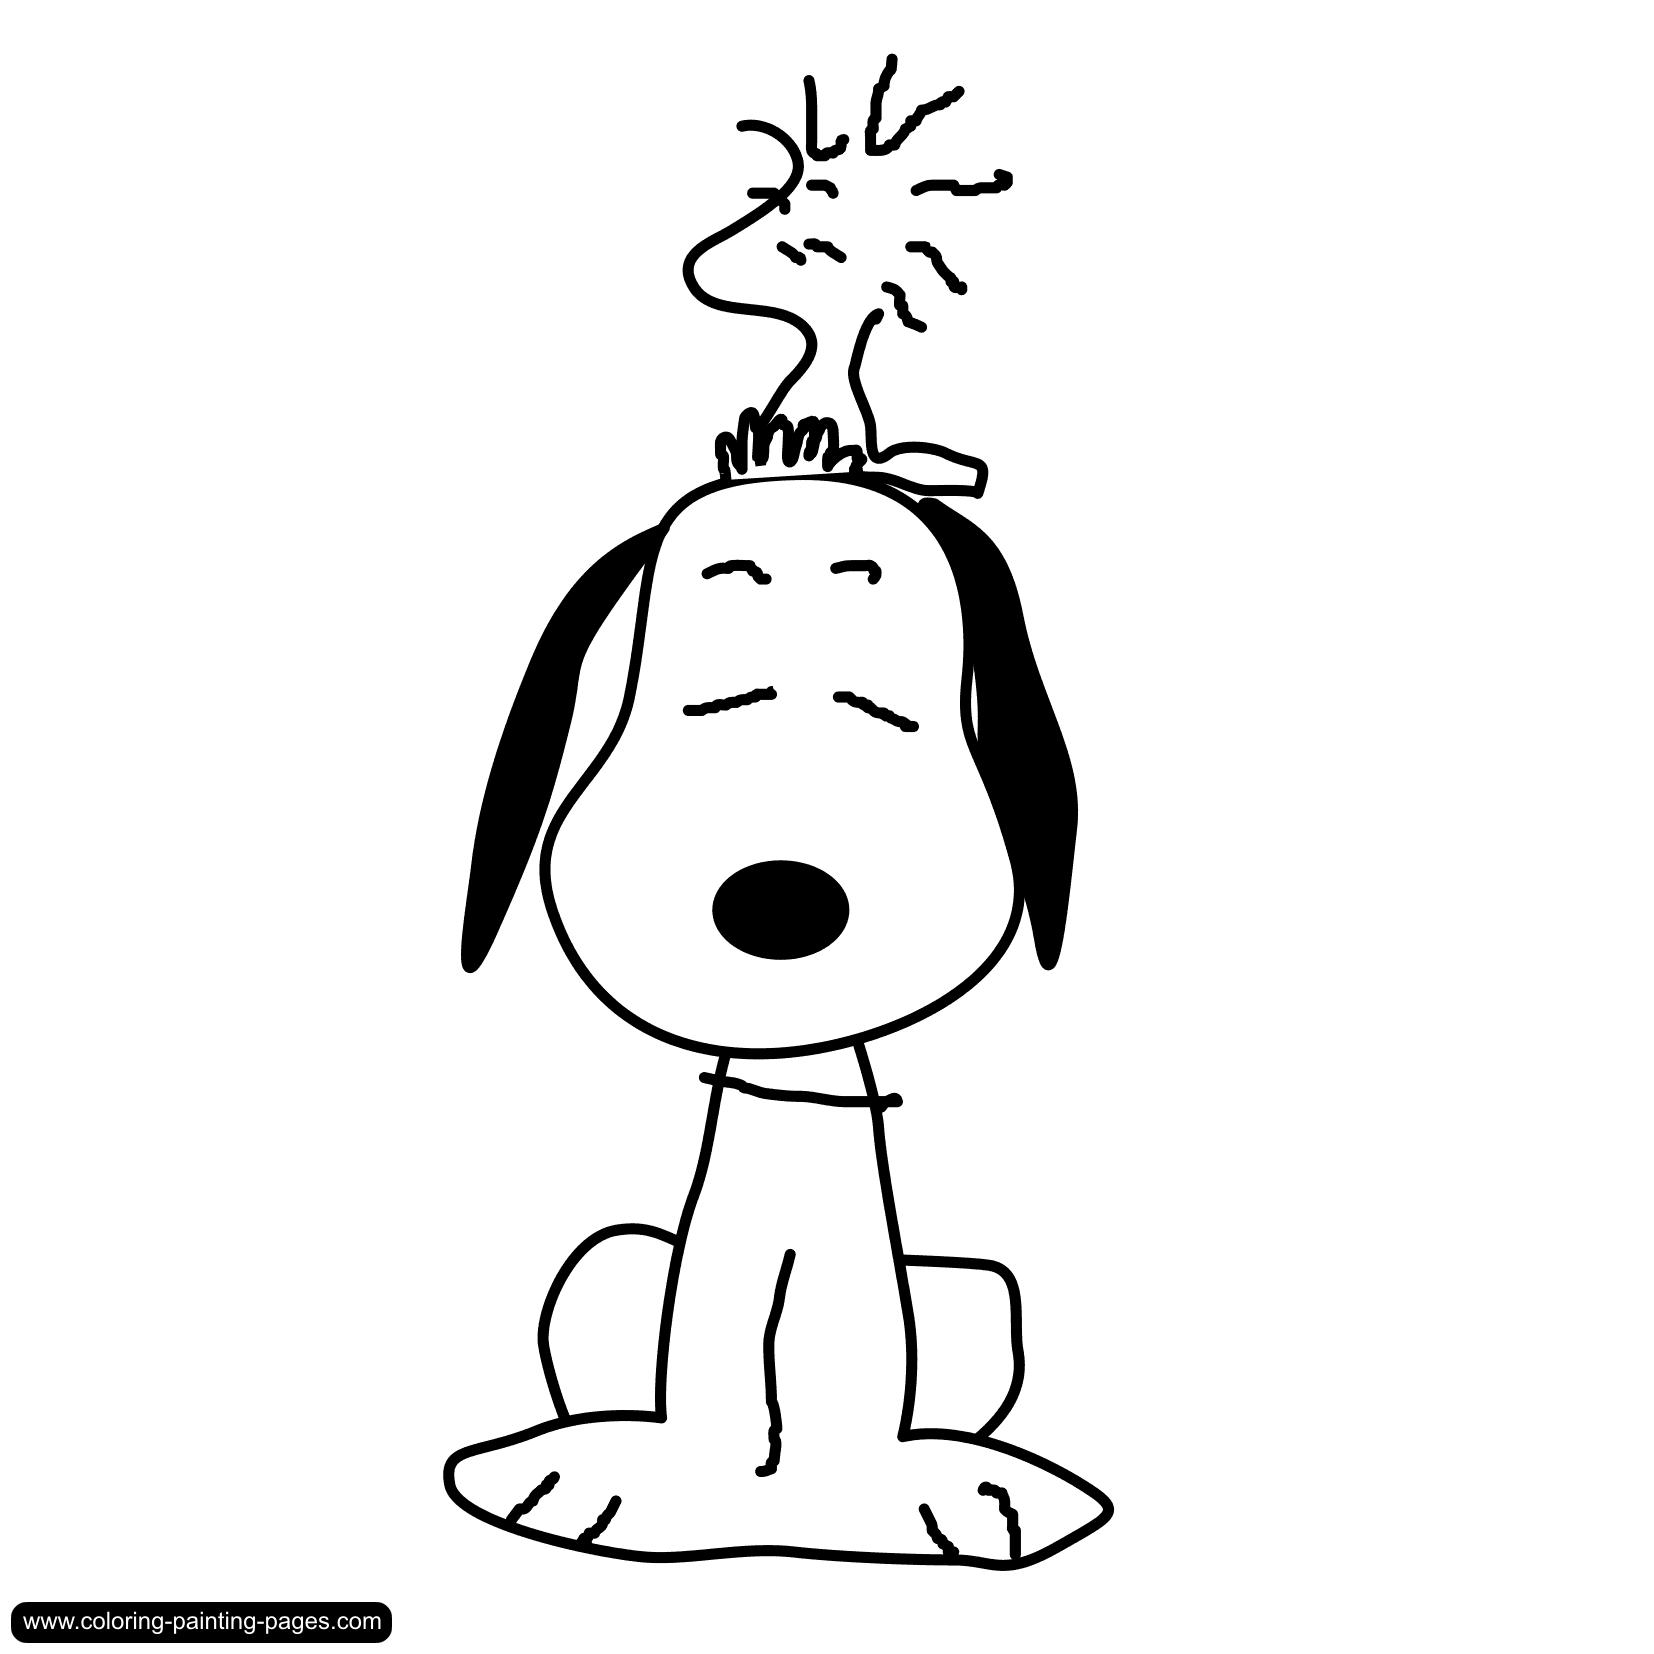 Coloriage Snoopy #27055 (Dessins Animés) - Album de coloriages